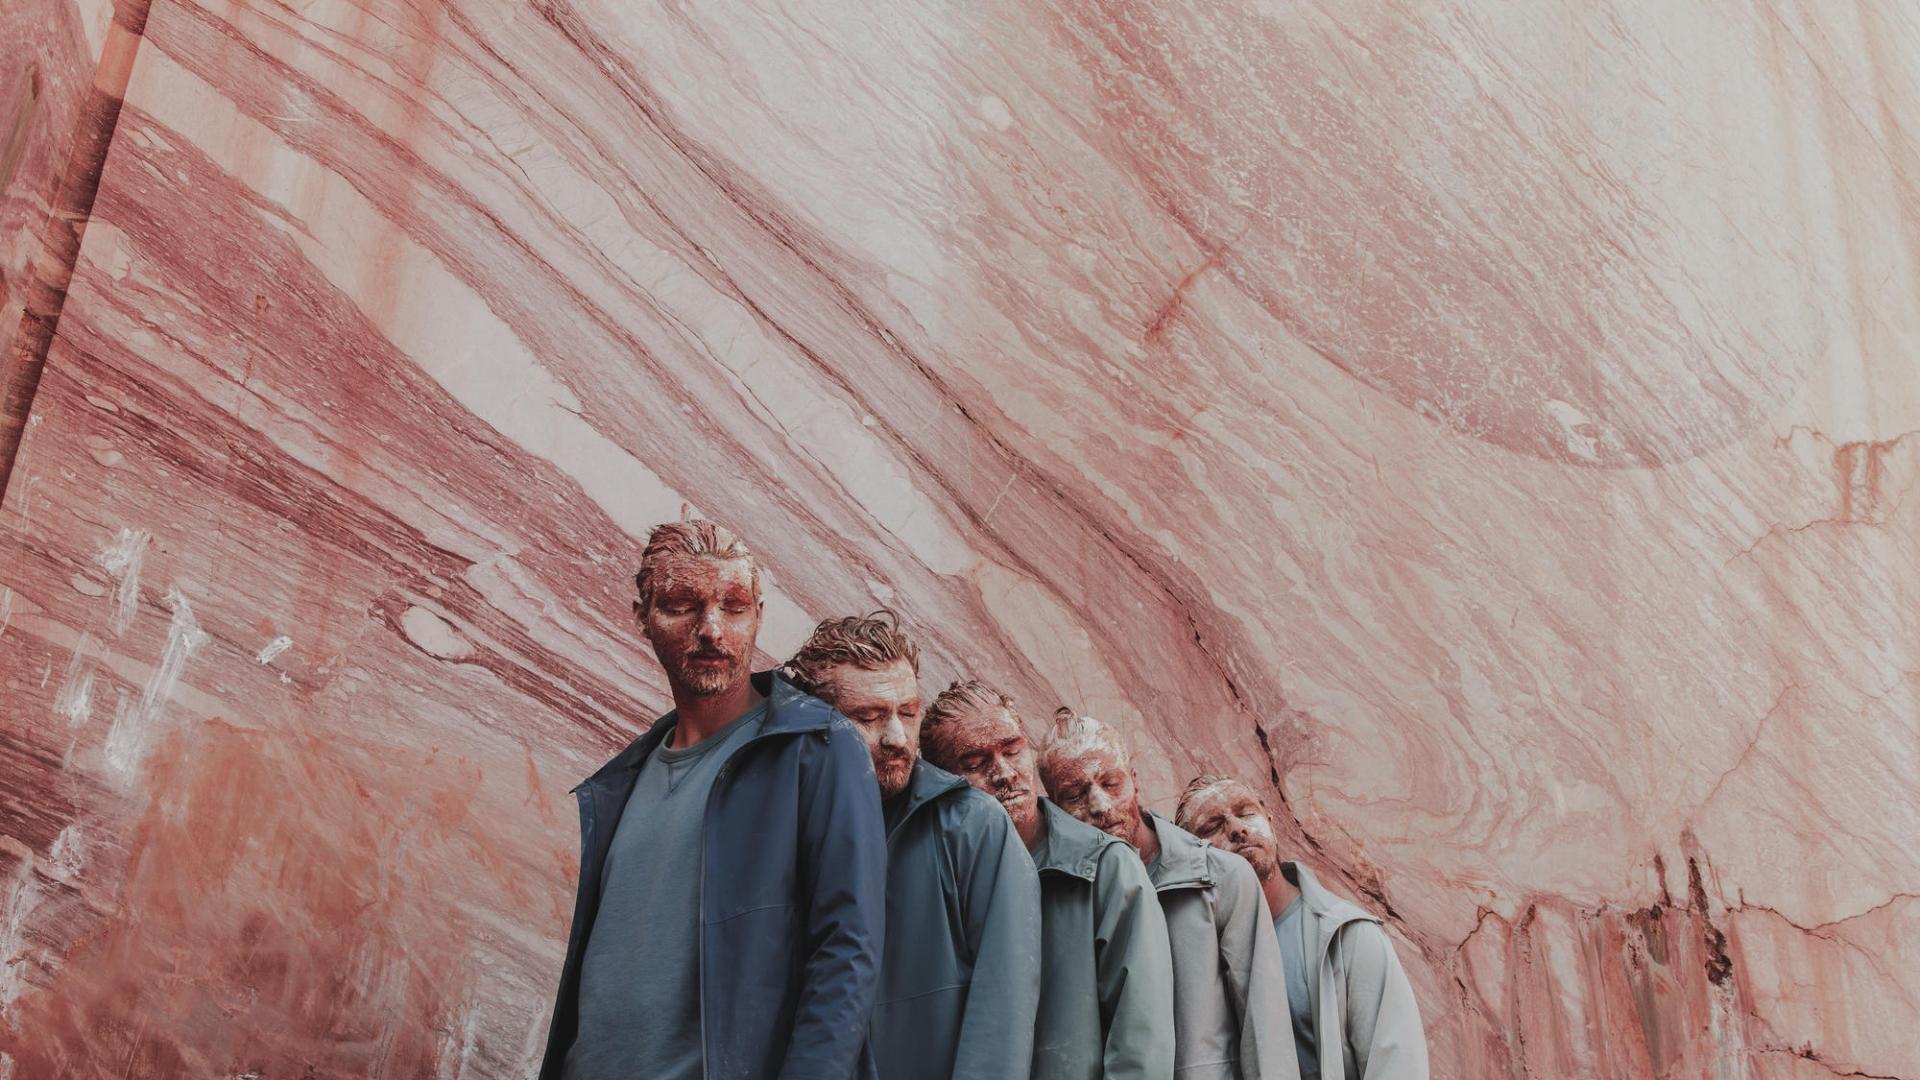 Croissant décroissant hommes carrière marbre rose blanc bleu dégradé